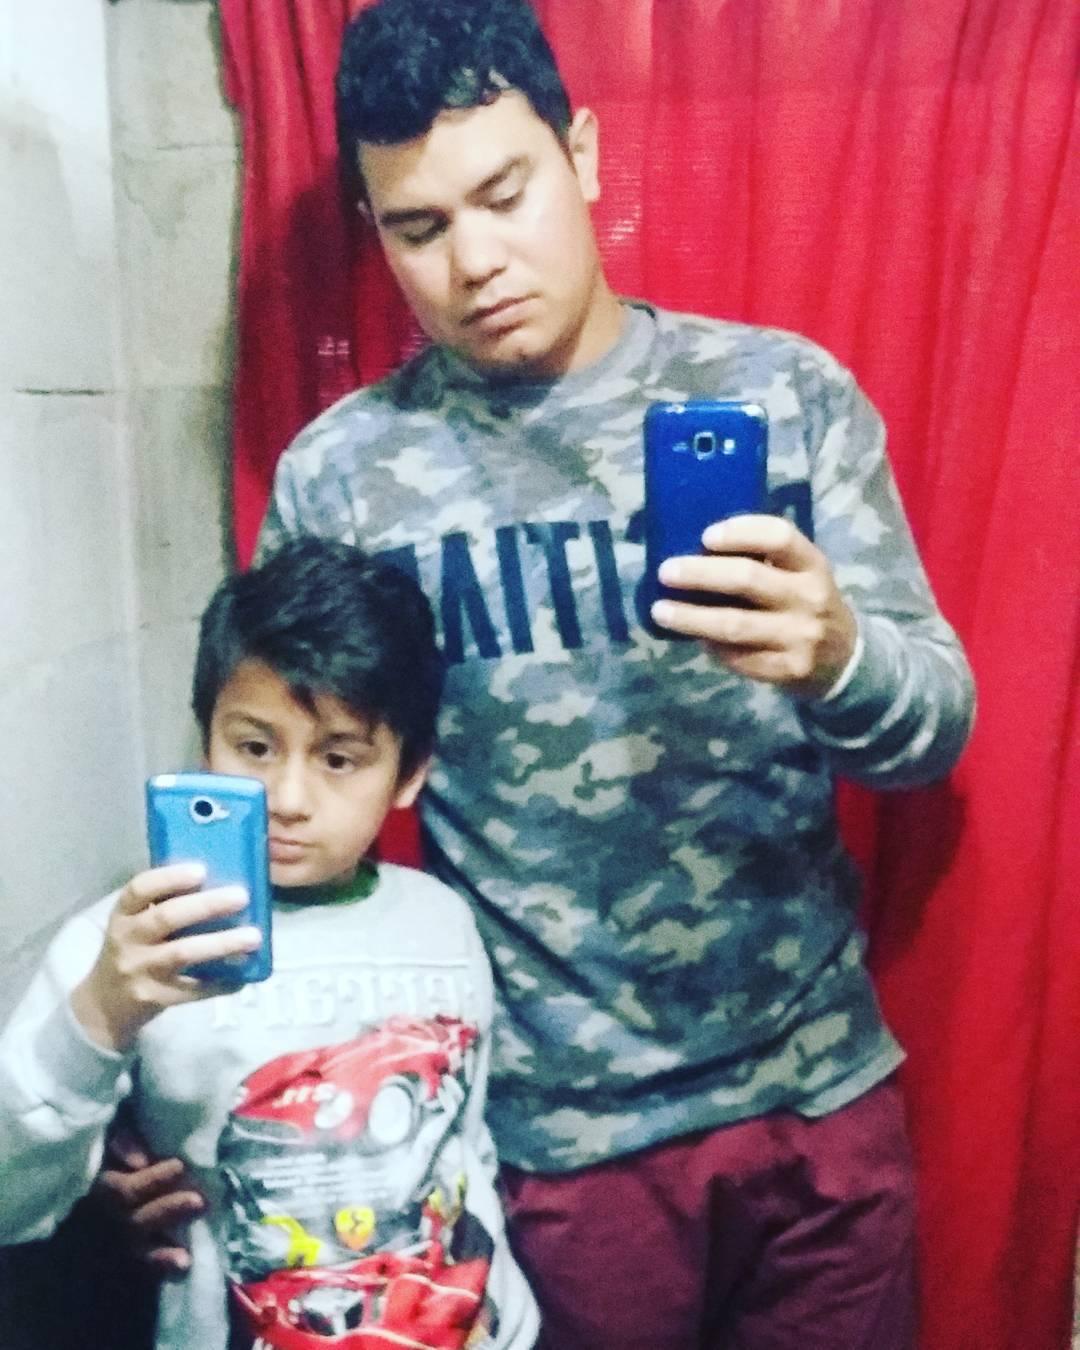 Con tomy en su Día,  #DíadelNiño #Boy